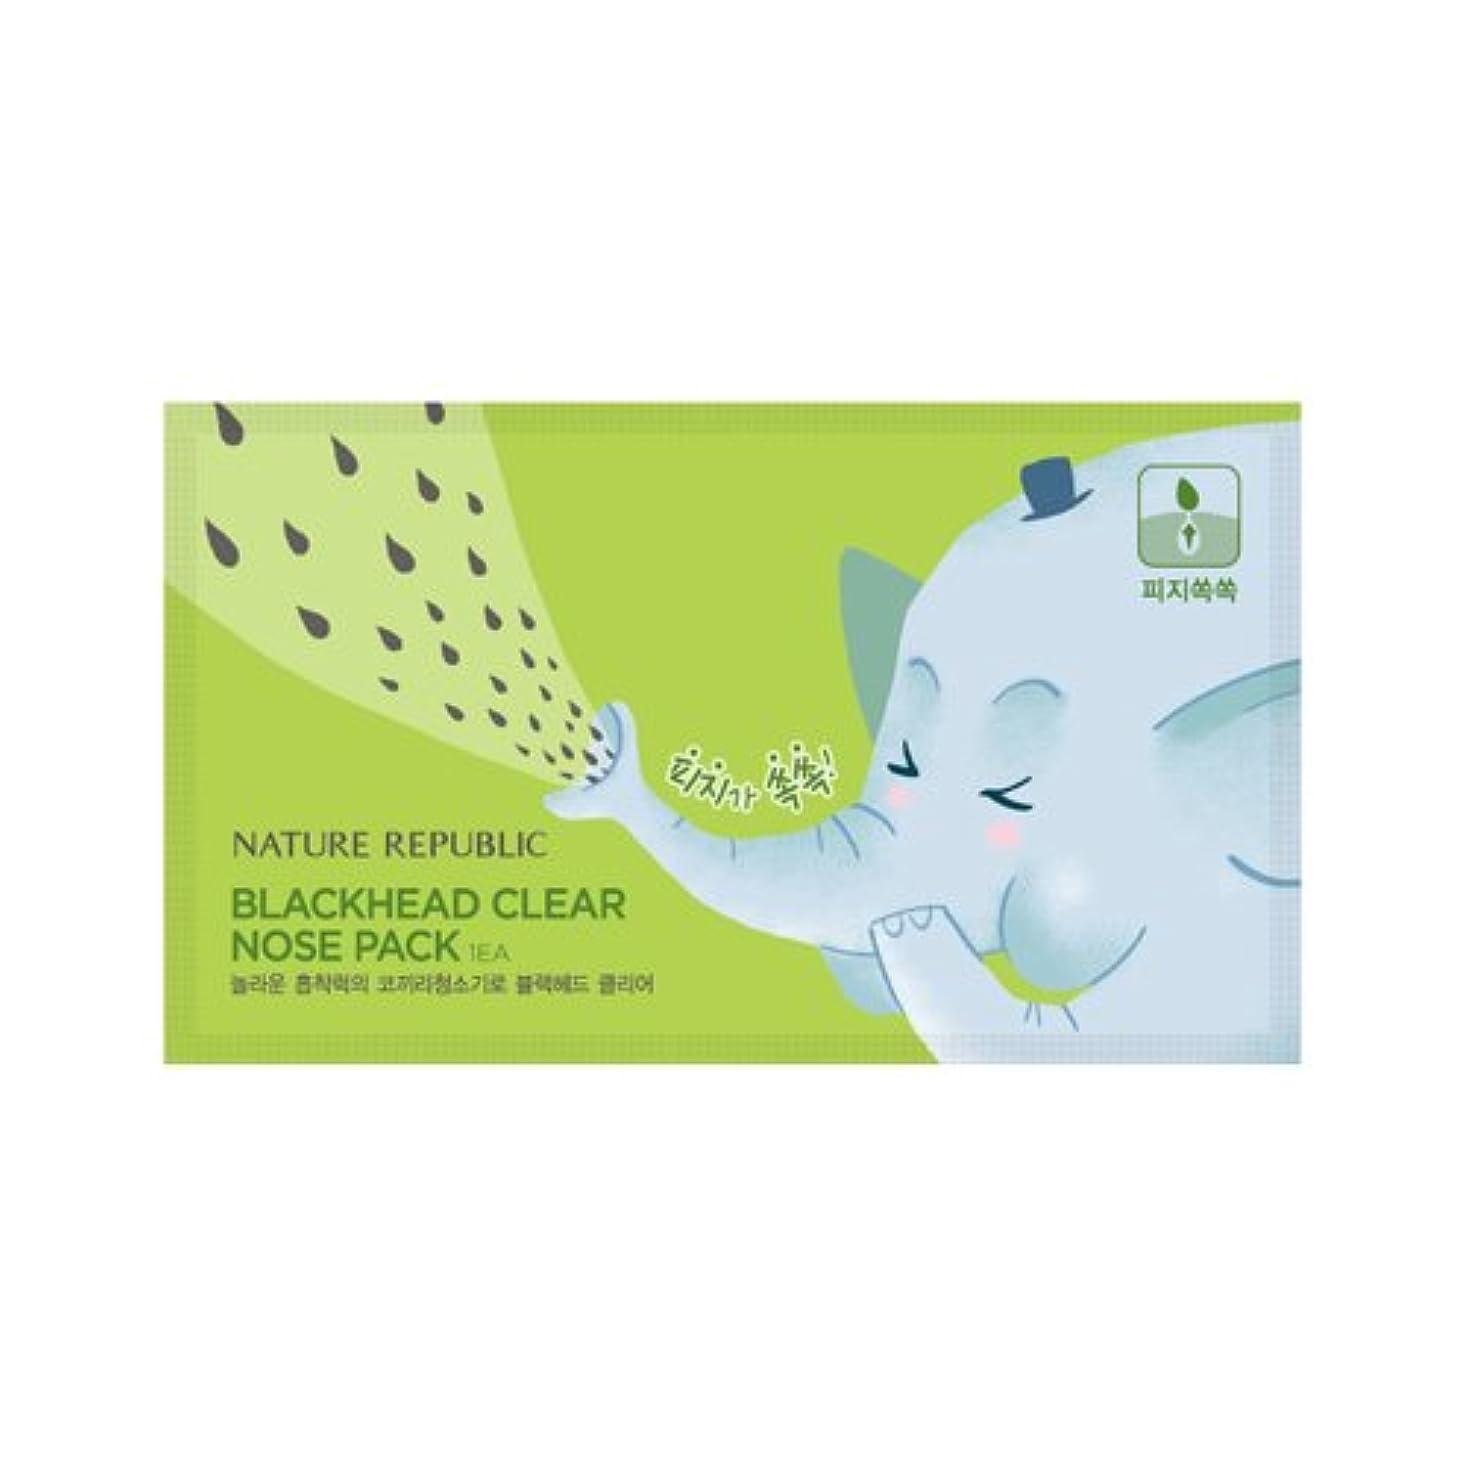 二次邪魔するおいしいNature Republic Black Head Clear Nose Pack [5ea] ネーチャーリパブリック ブラックヘッドクリア 鼻パック [5枚] [並行輸入品]